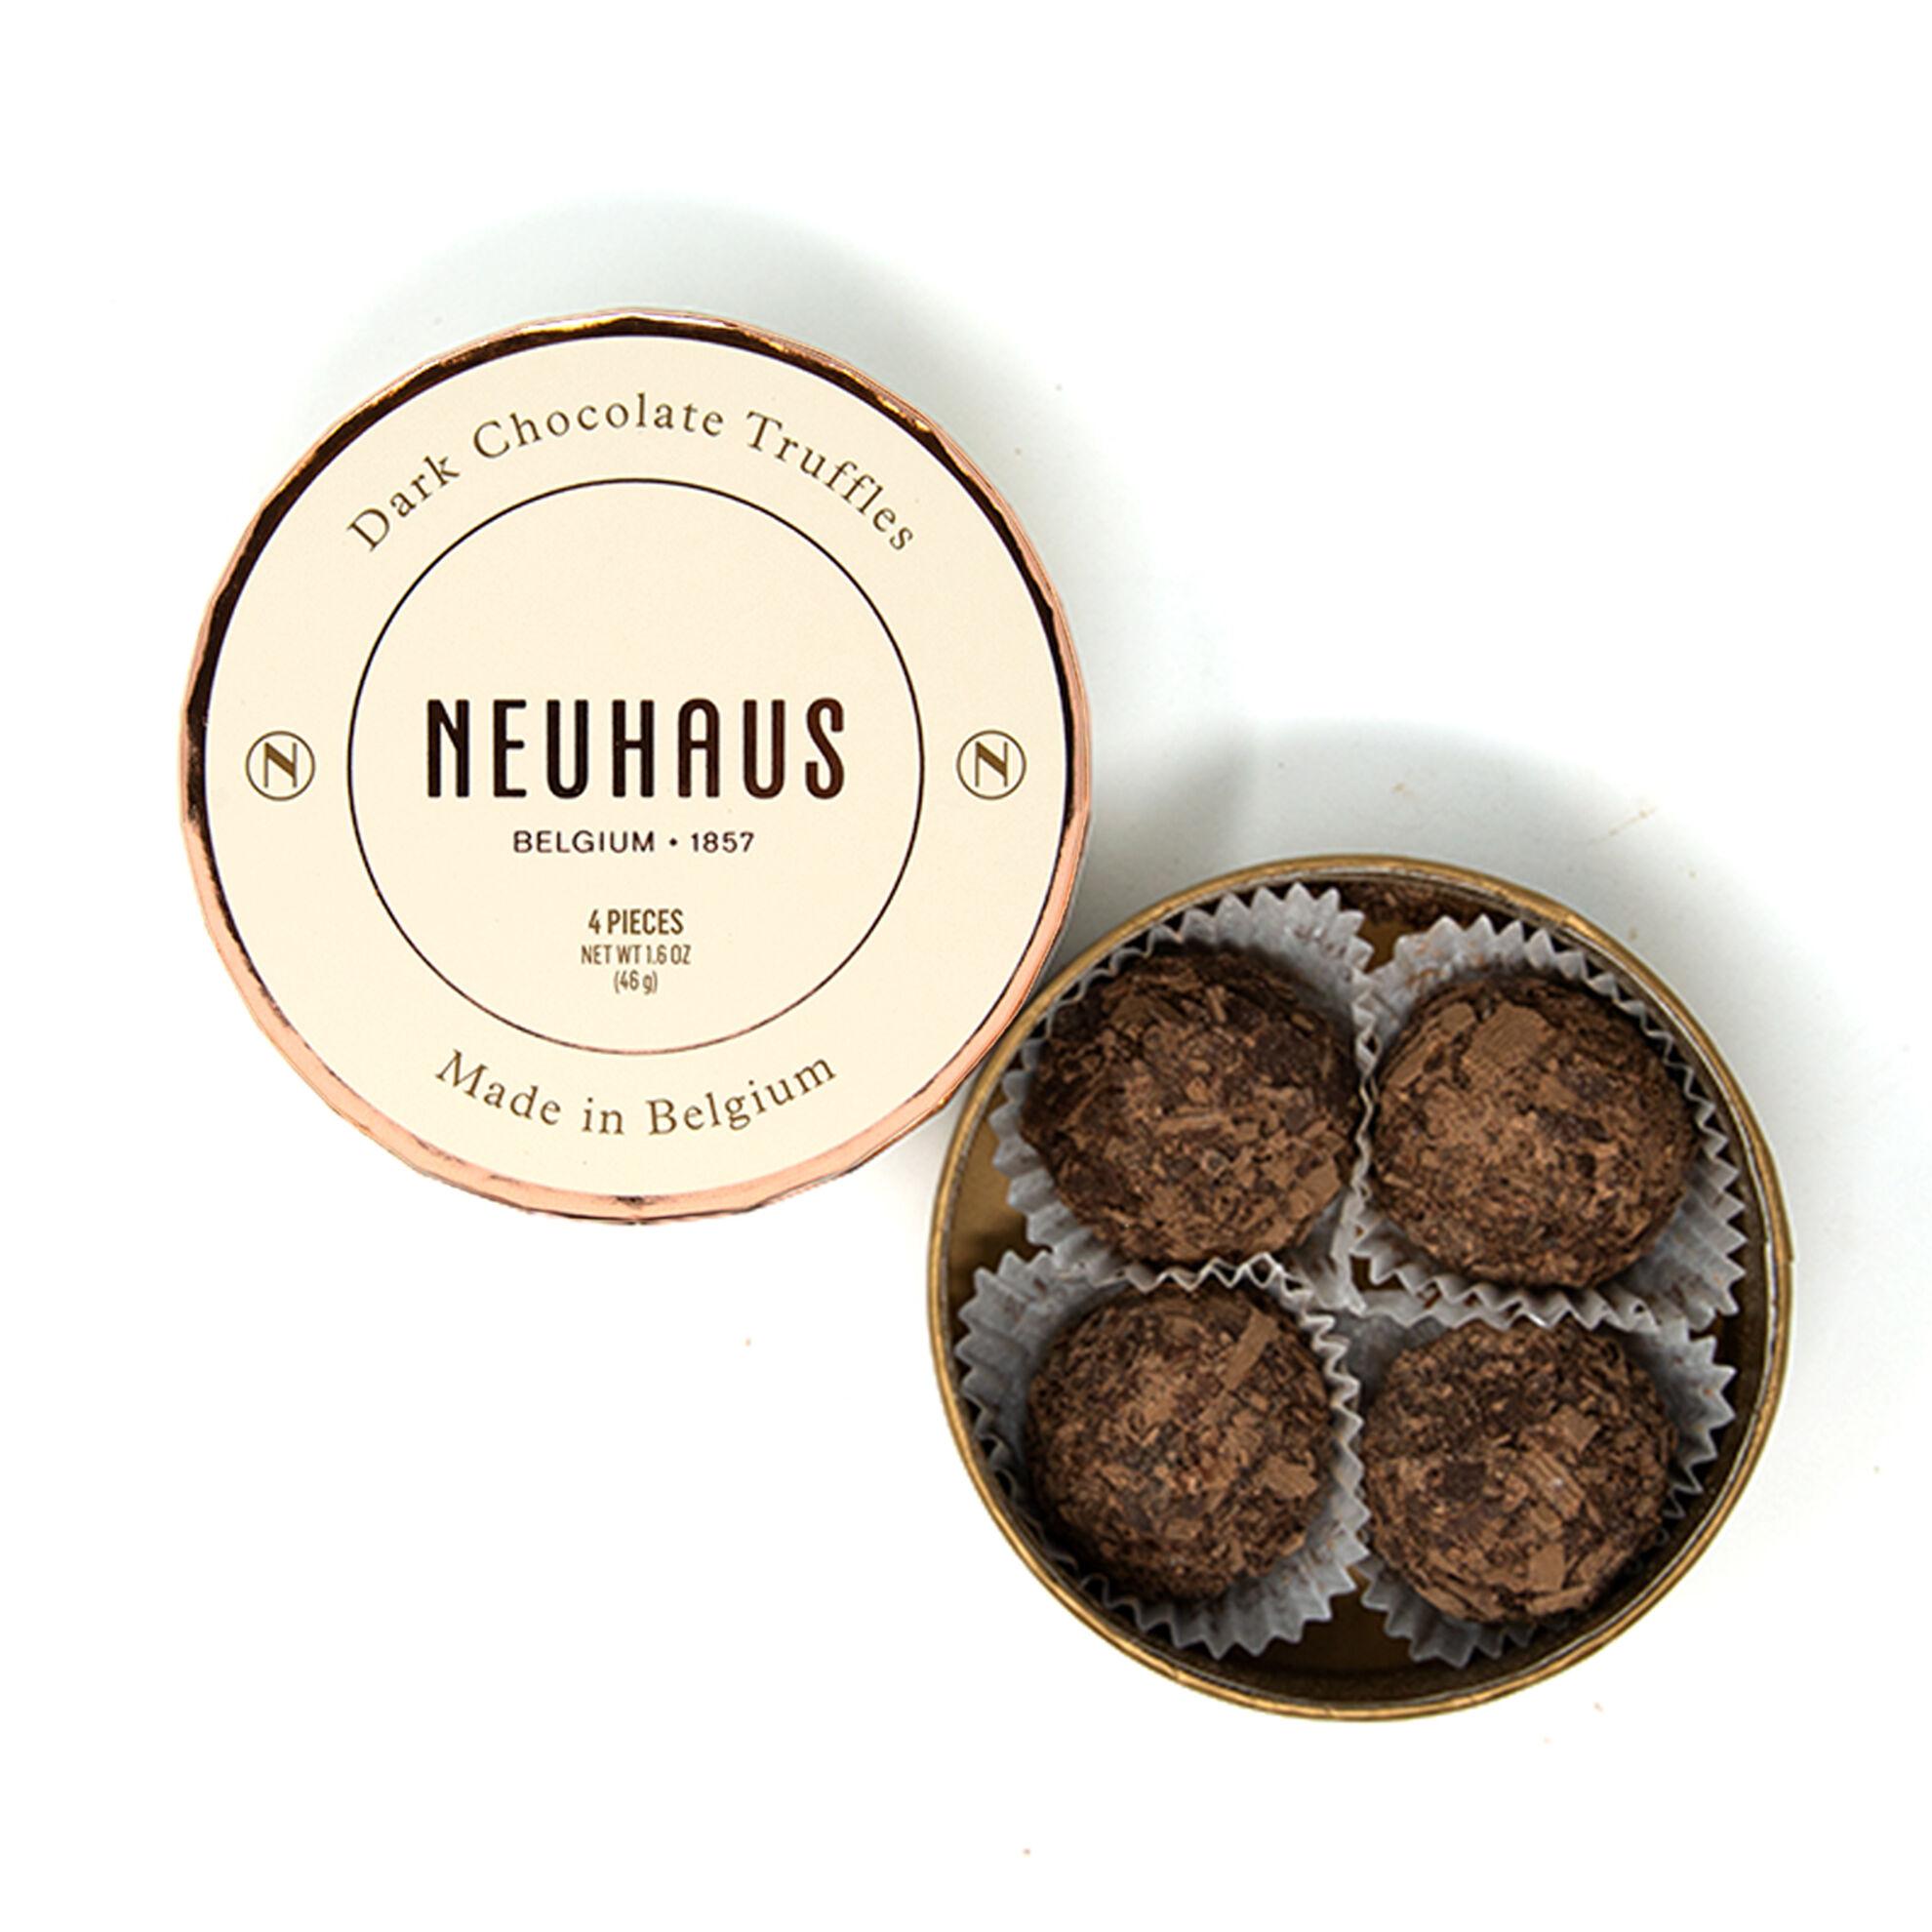 Dark Chocolate Truffles in Round Box 4 pcs image number 01